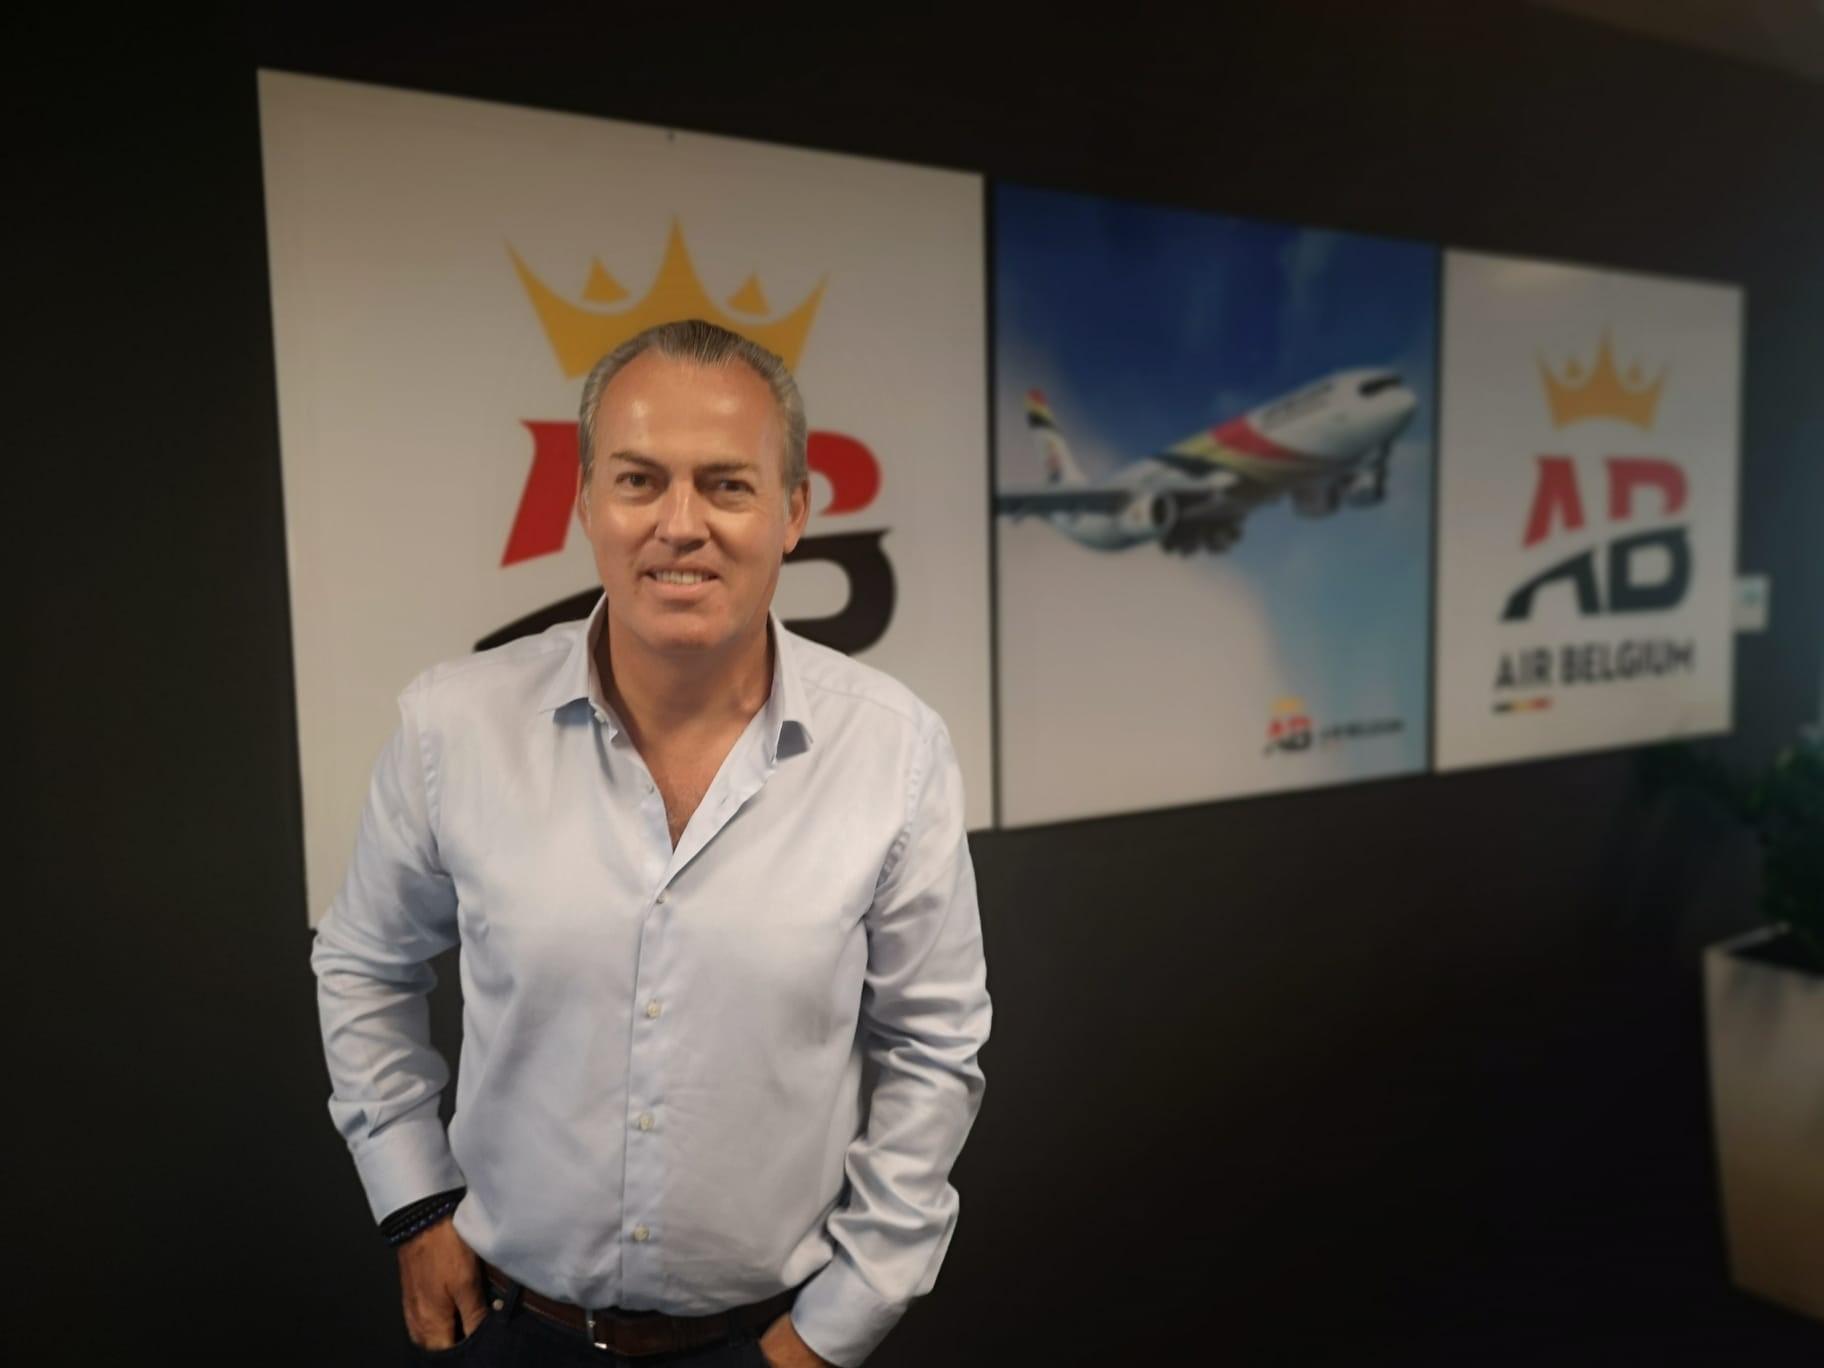 Philippe Wilmart, Air Belgium